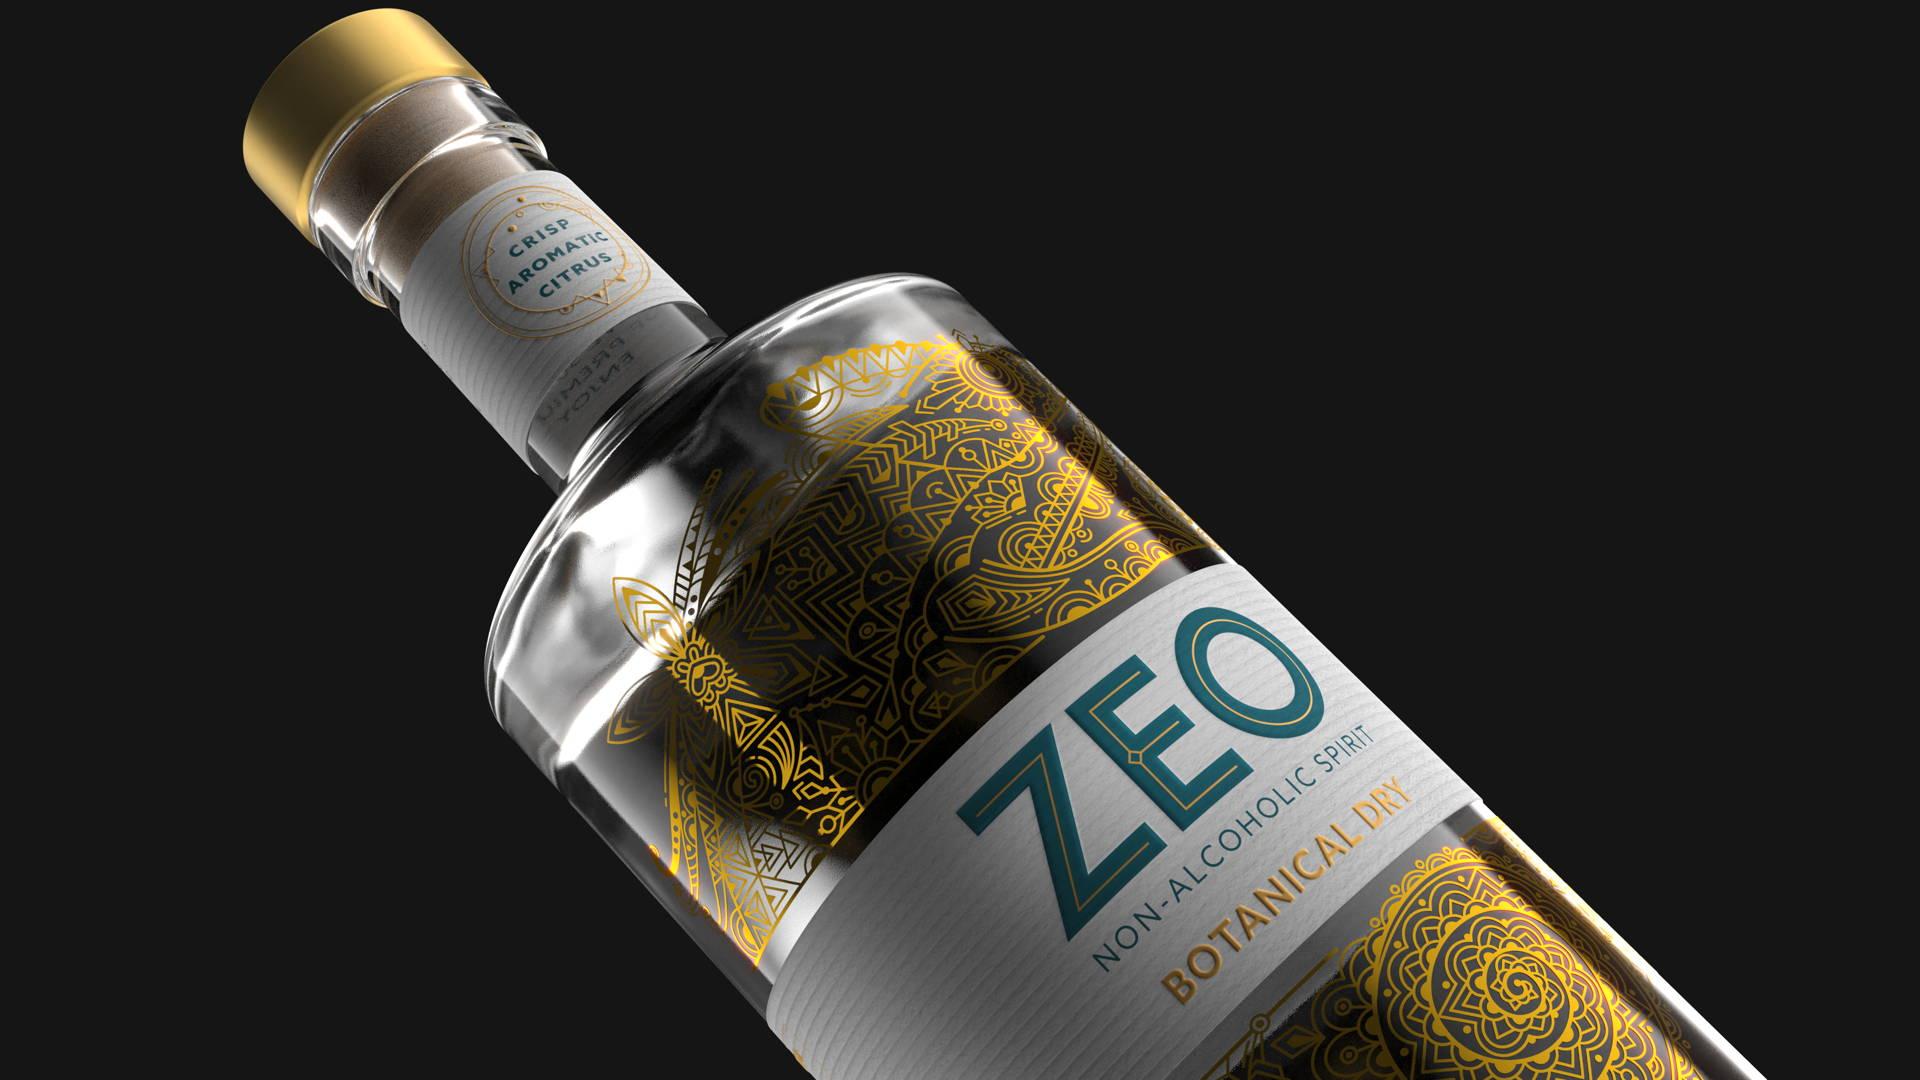 北京包装设计分享|零度酒精的酒包装设计创意欣赏